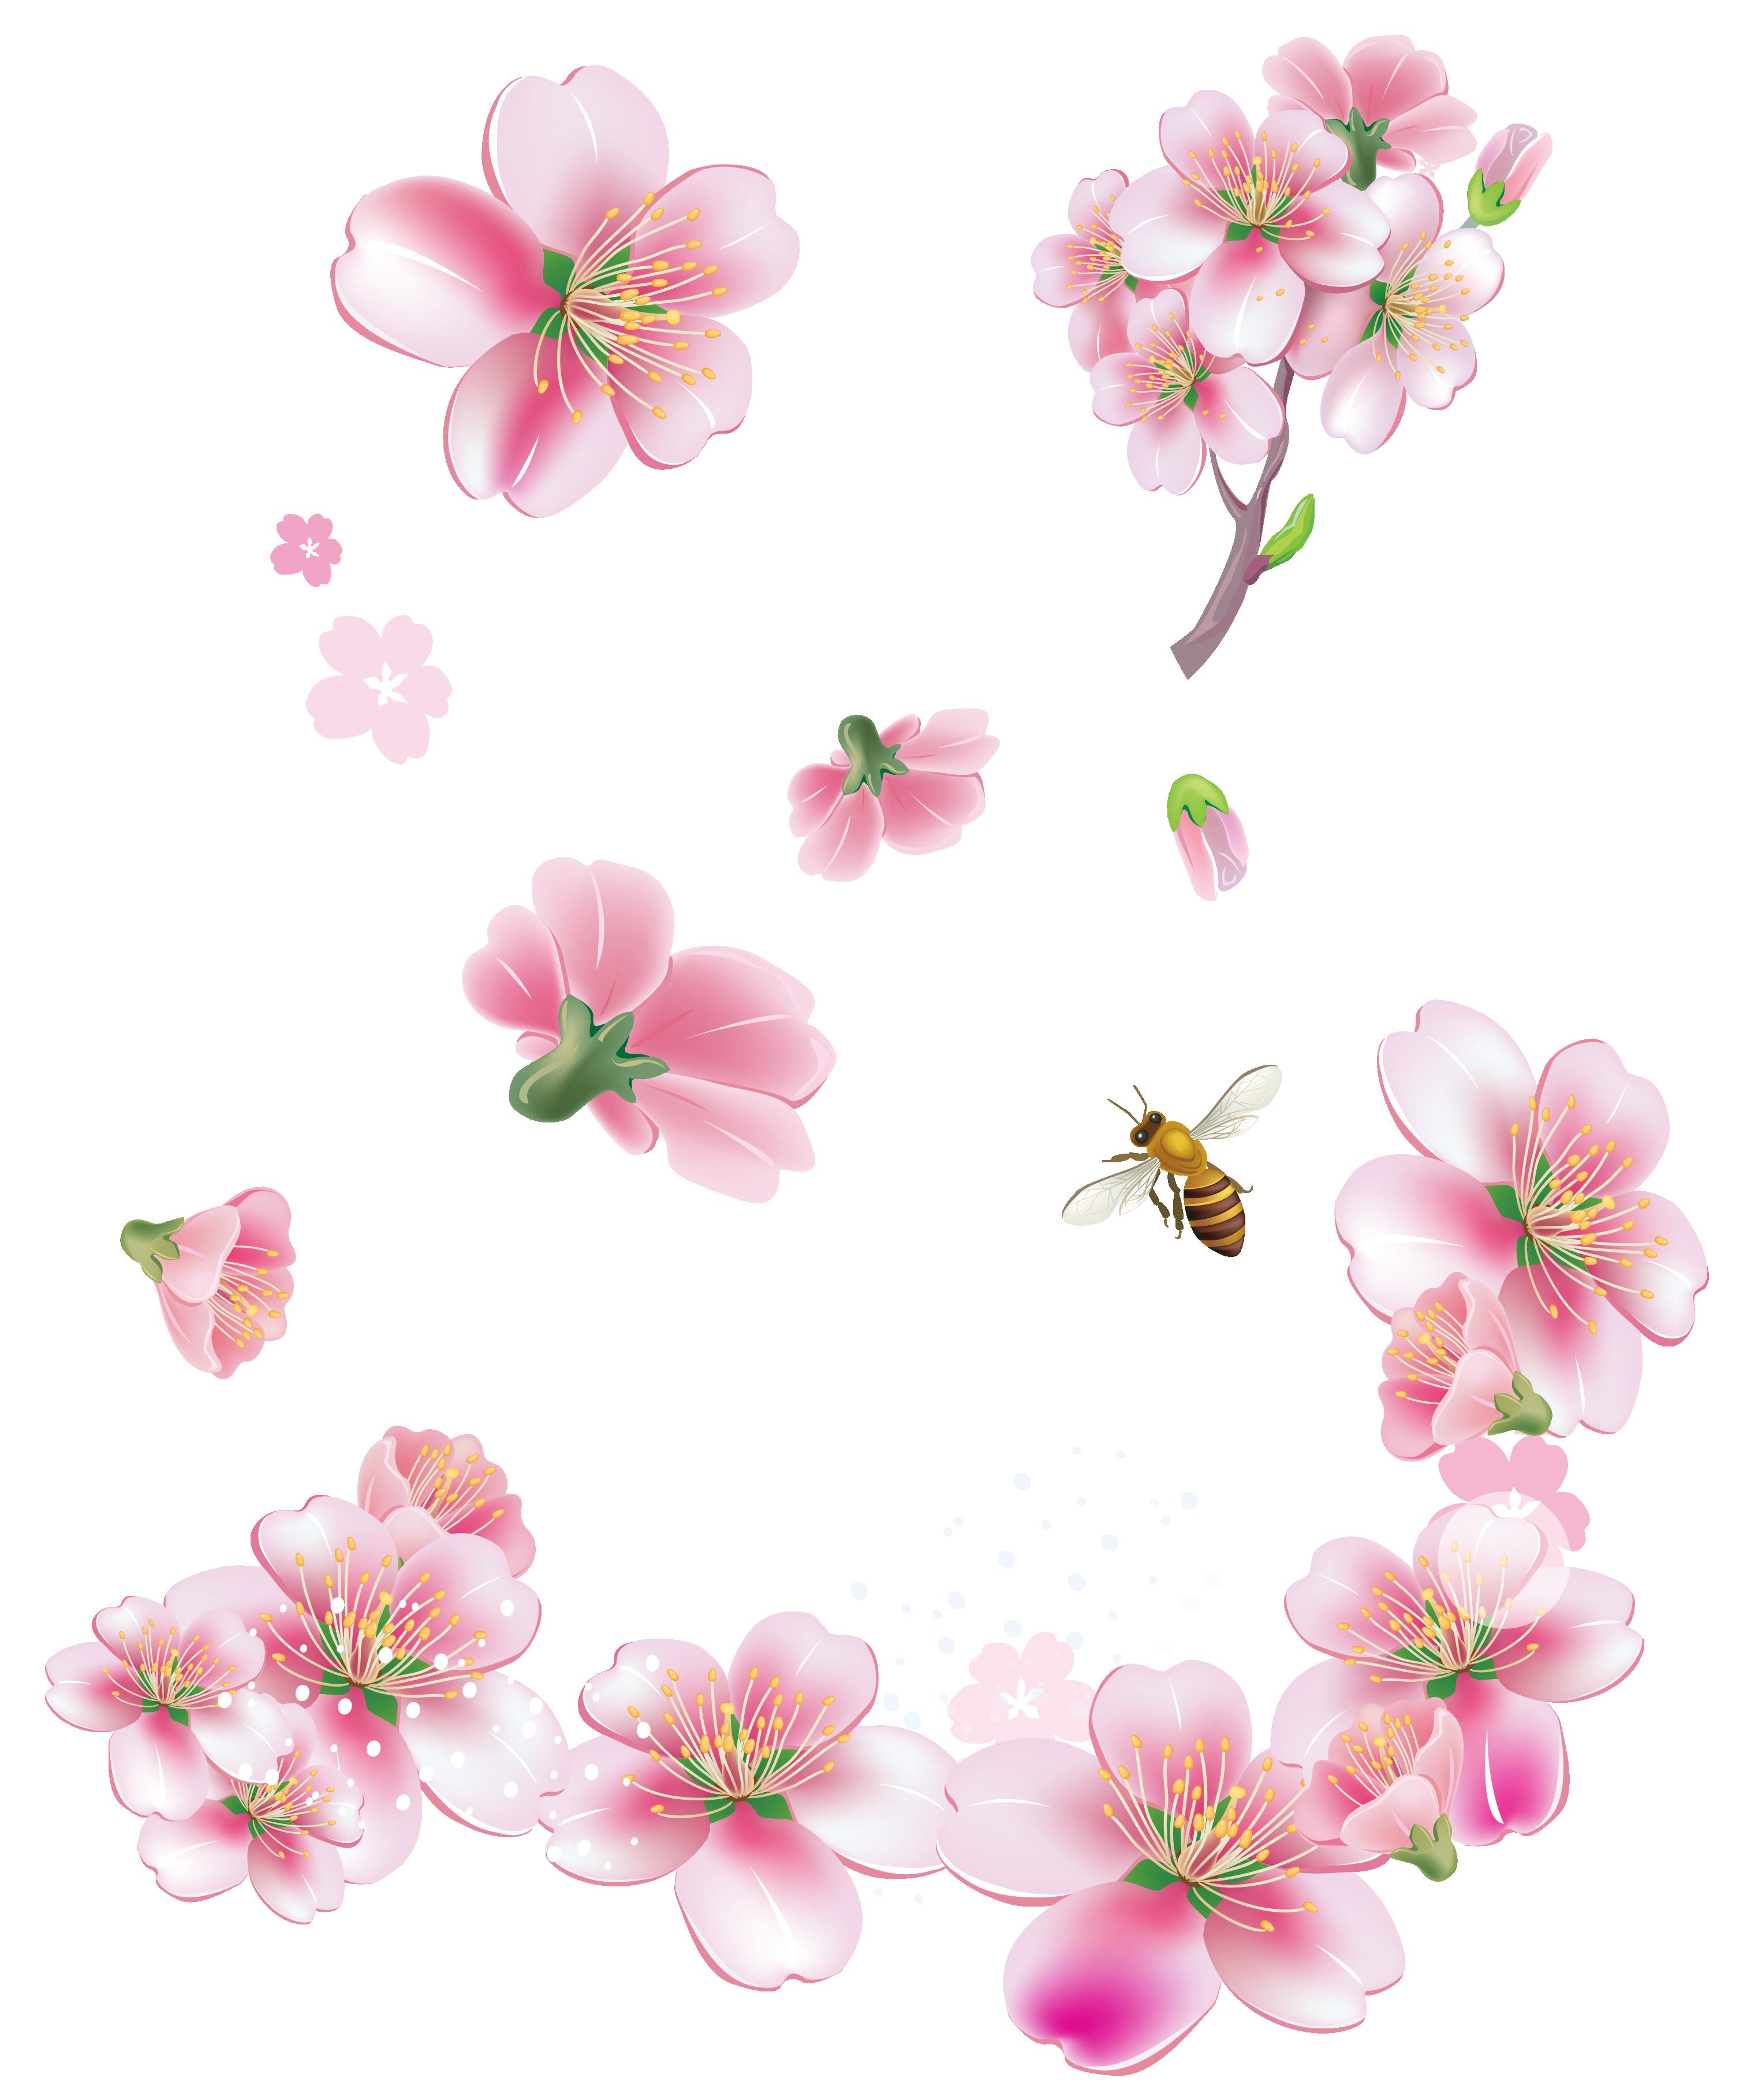 Hình ảnh hoa đào và chú ong